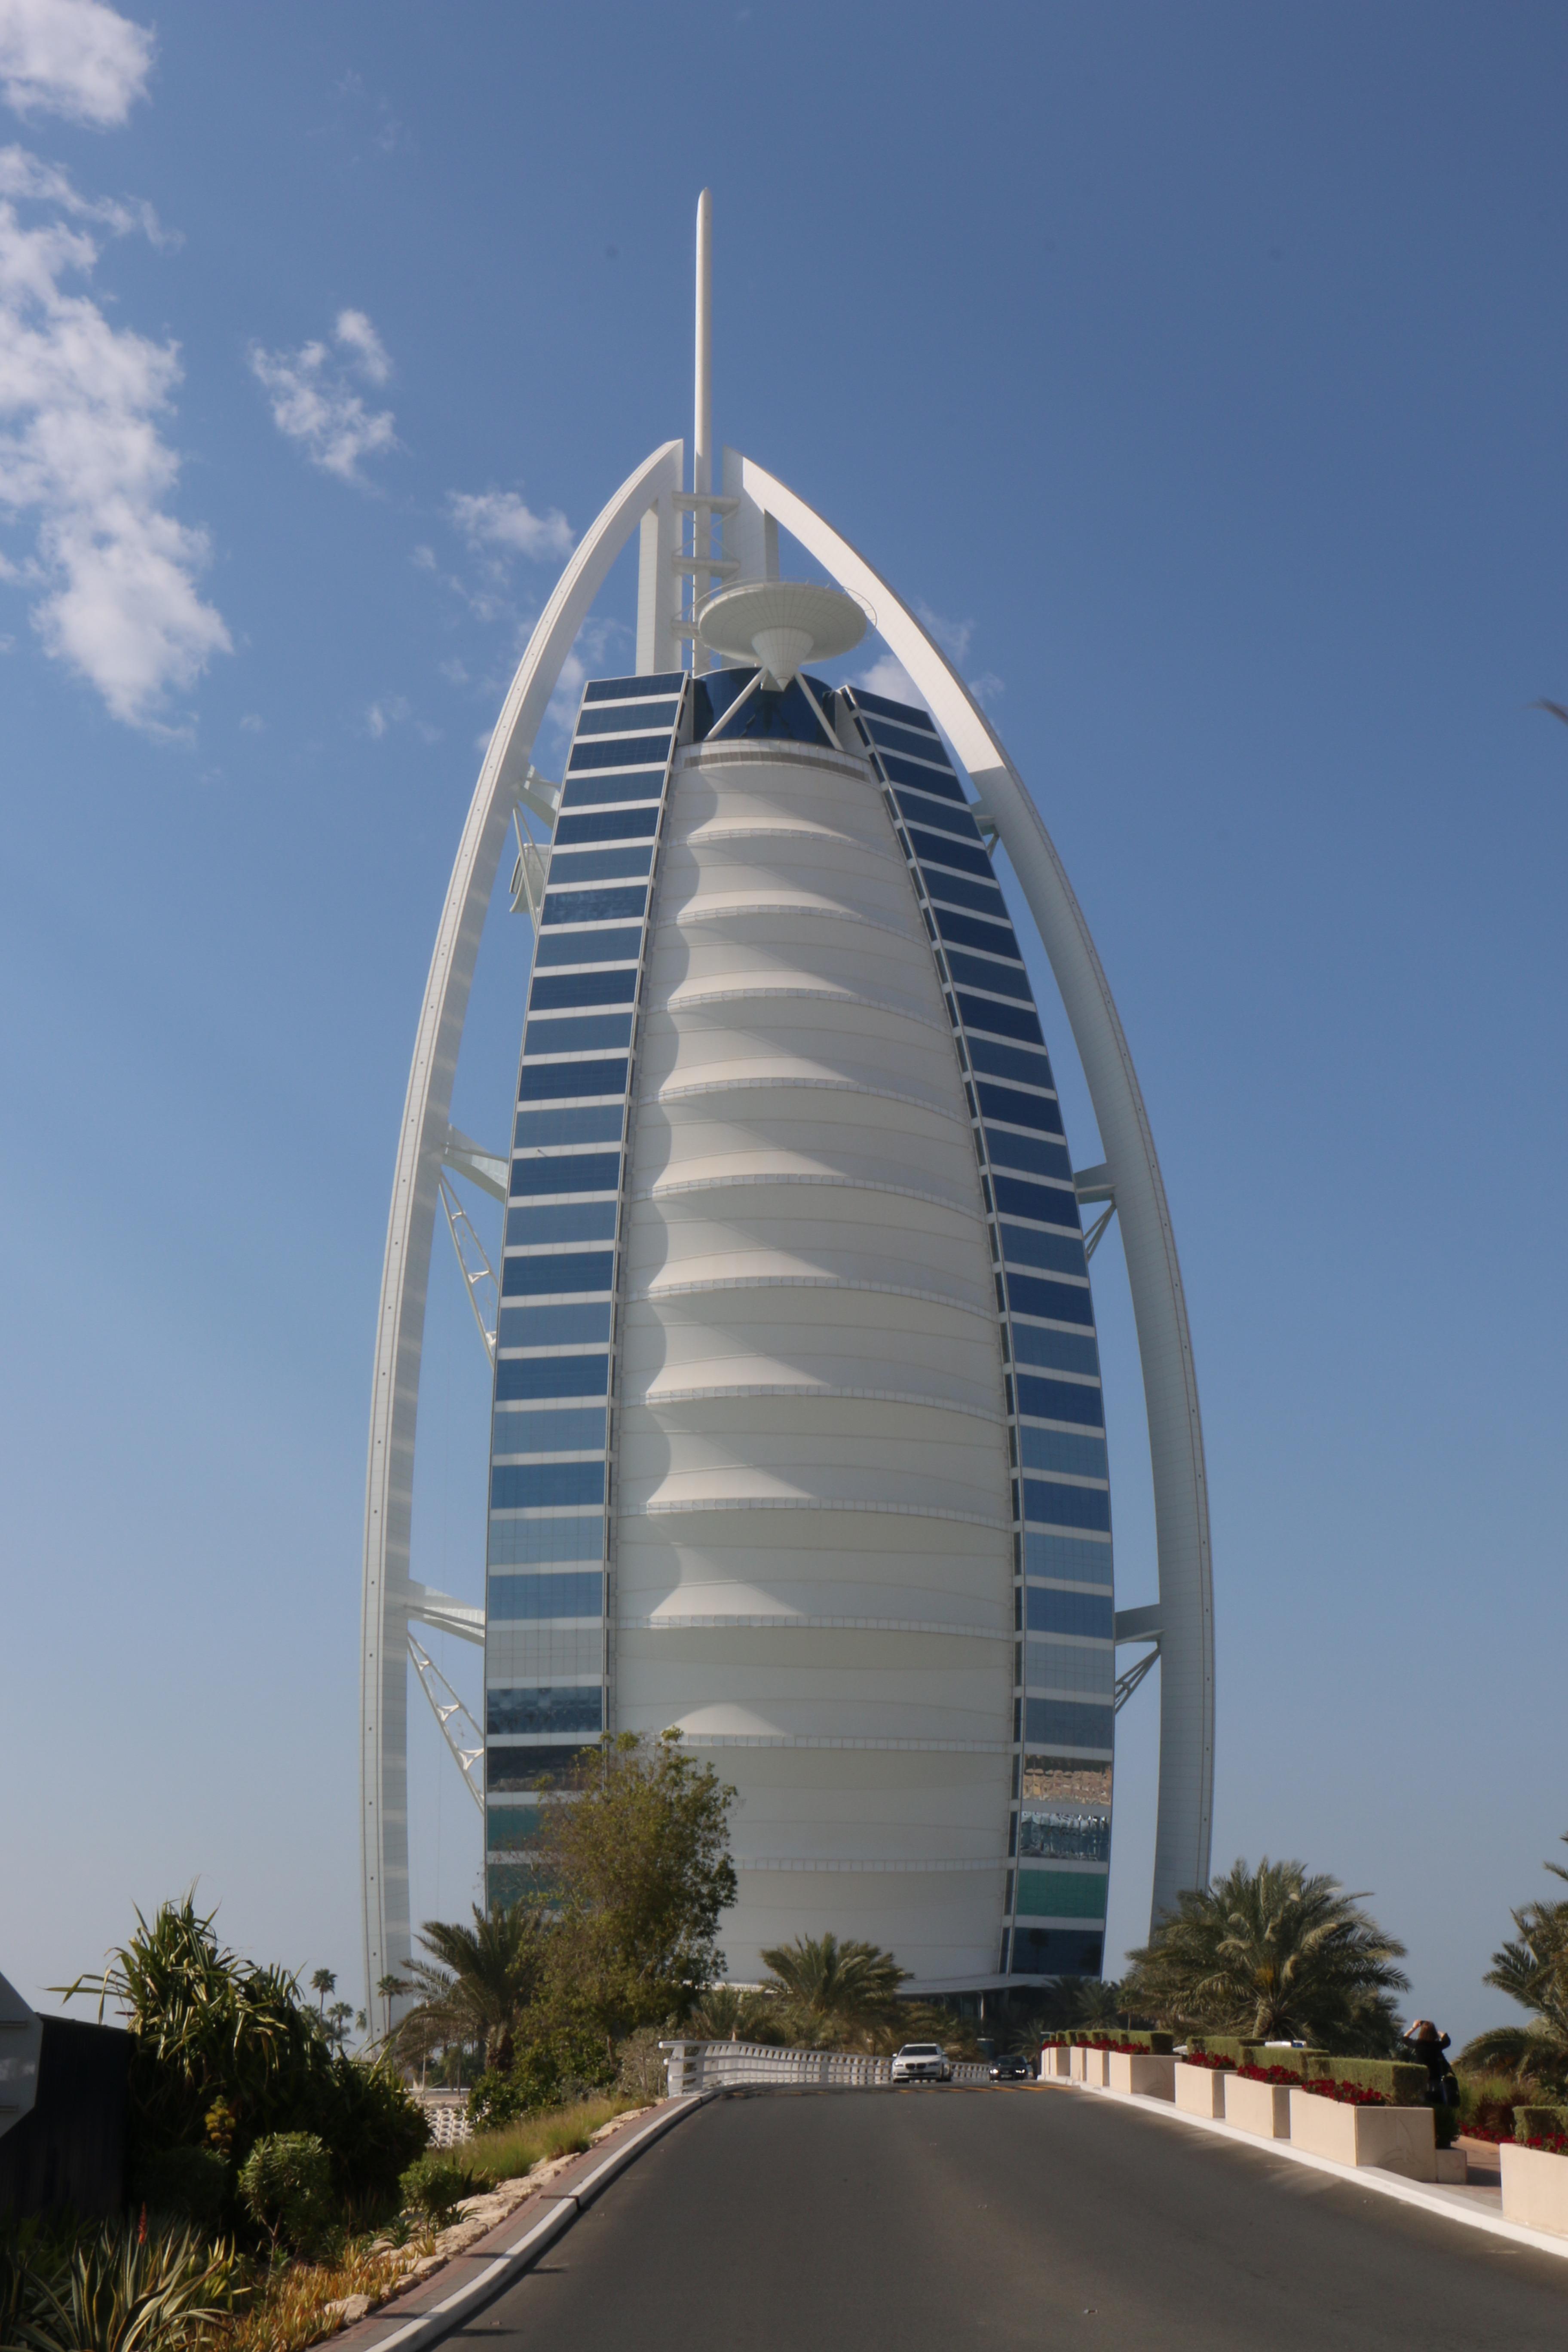 edificio ciudad rascacielos arco torre dubai punto de referencia bloque de pisos burj al arab